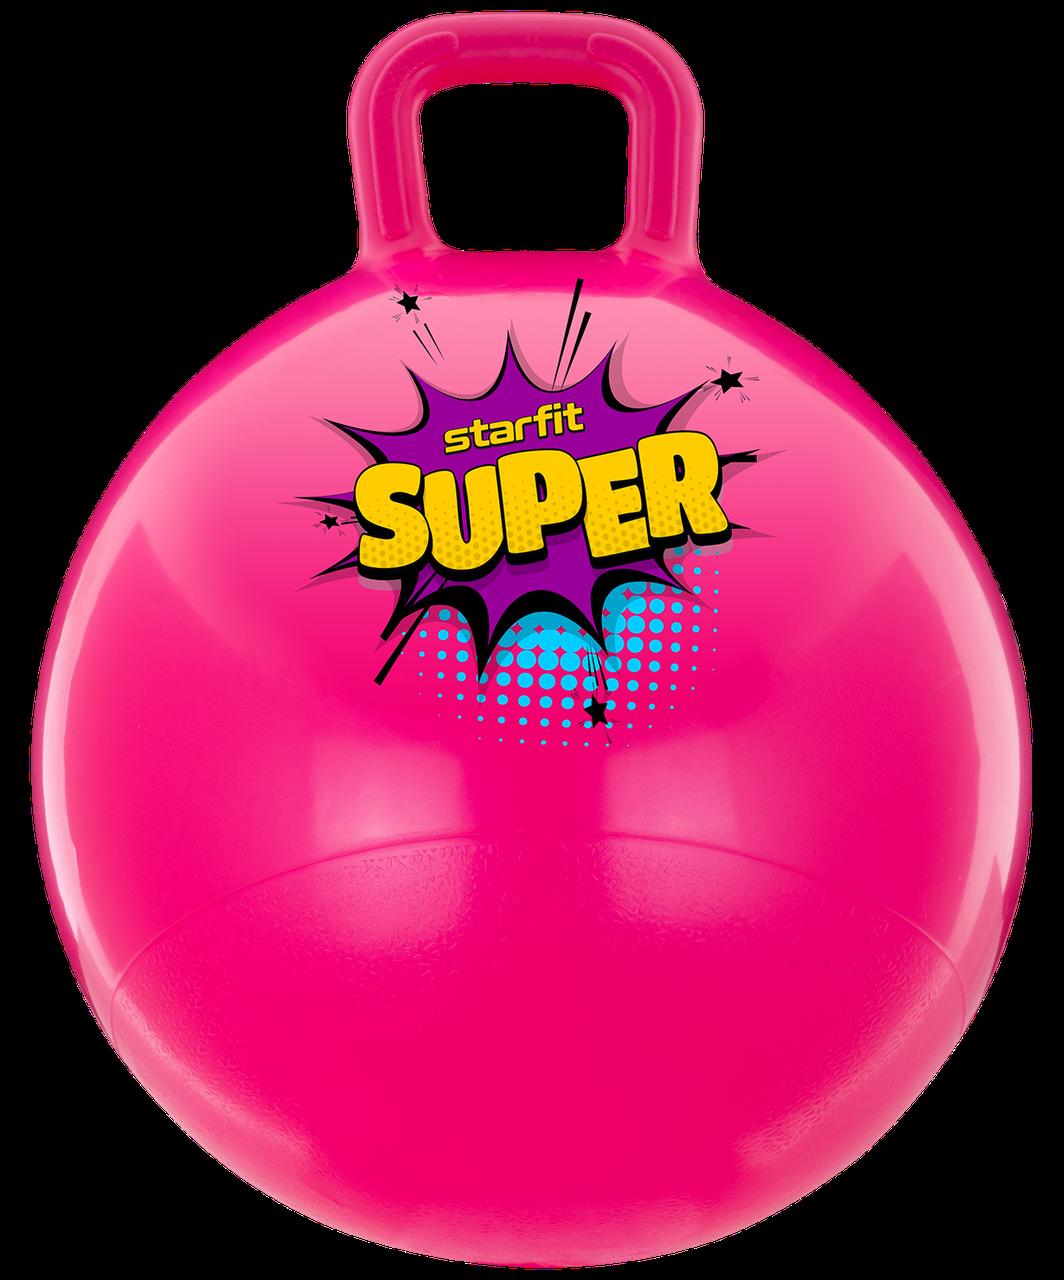 Мяч-попрыгун GB-0401 45 см, с ручкой,Starfit